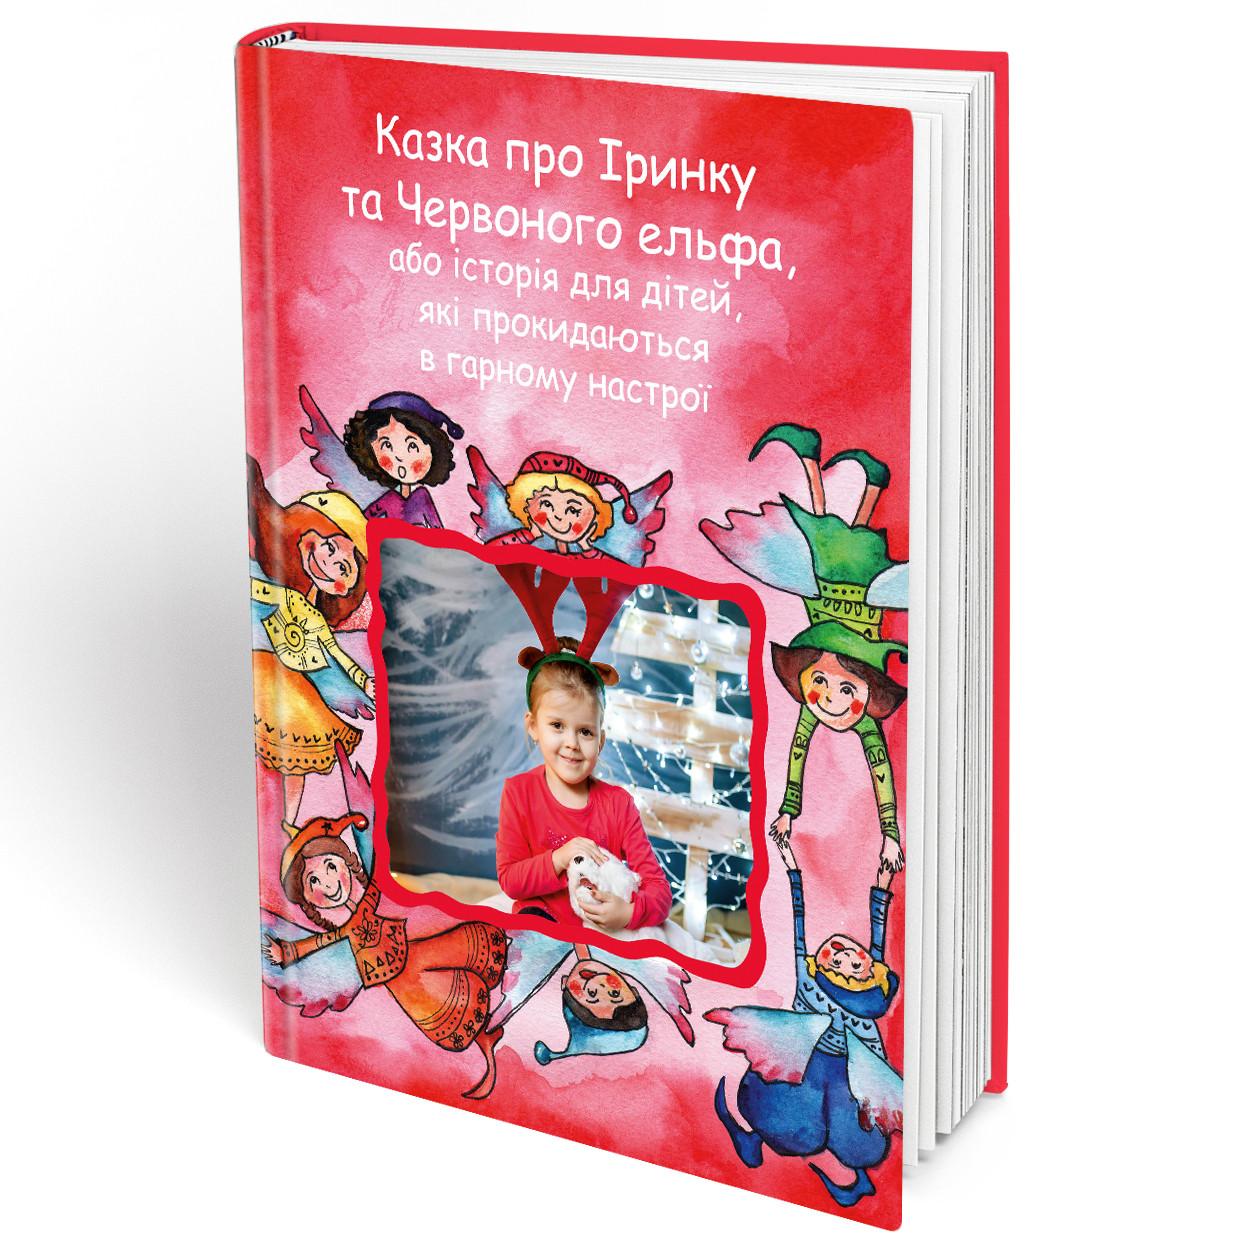 Іменна книга - казка Ваша дитина та Червоний ельф або, історія для дітей, які прокидаються в гарн, КОД: 220670